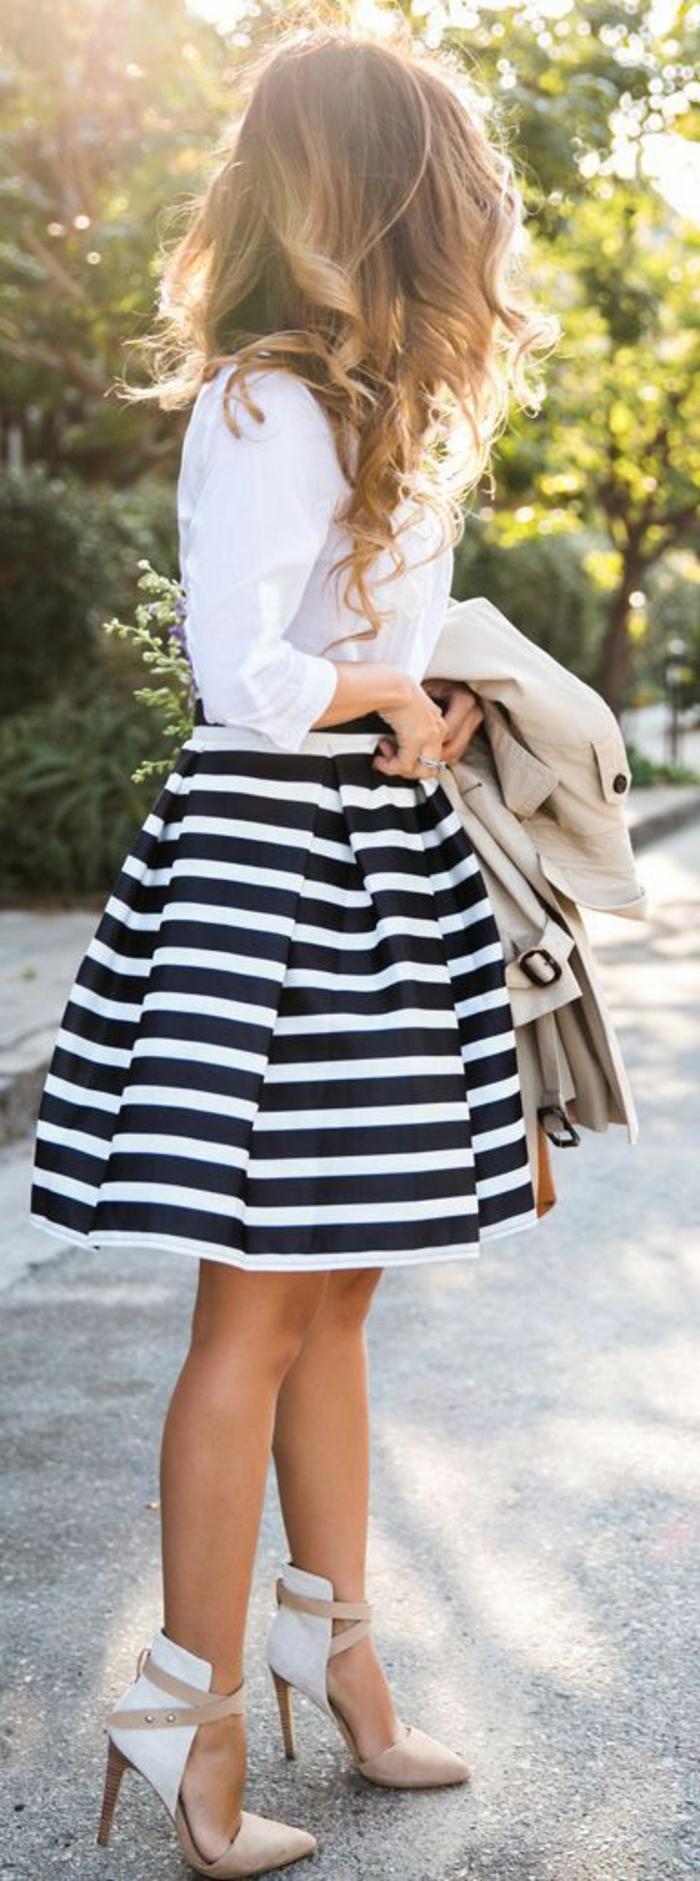 tenue chic avec jupe à rayures marines en noir et blanc et une chemise blanche